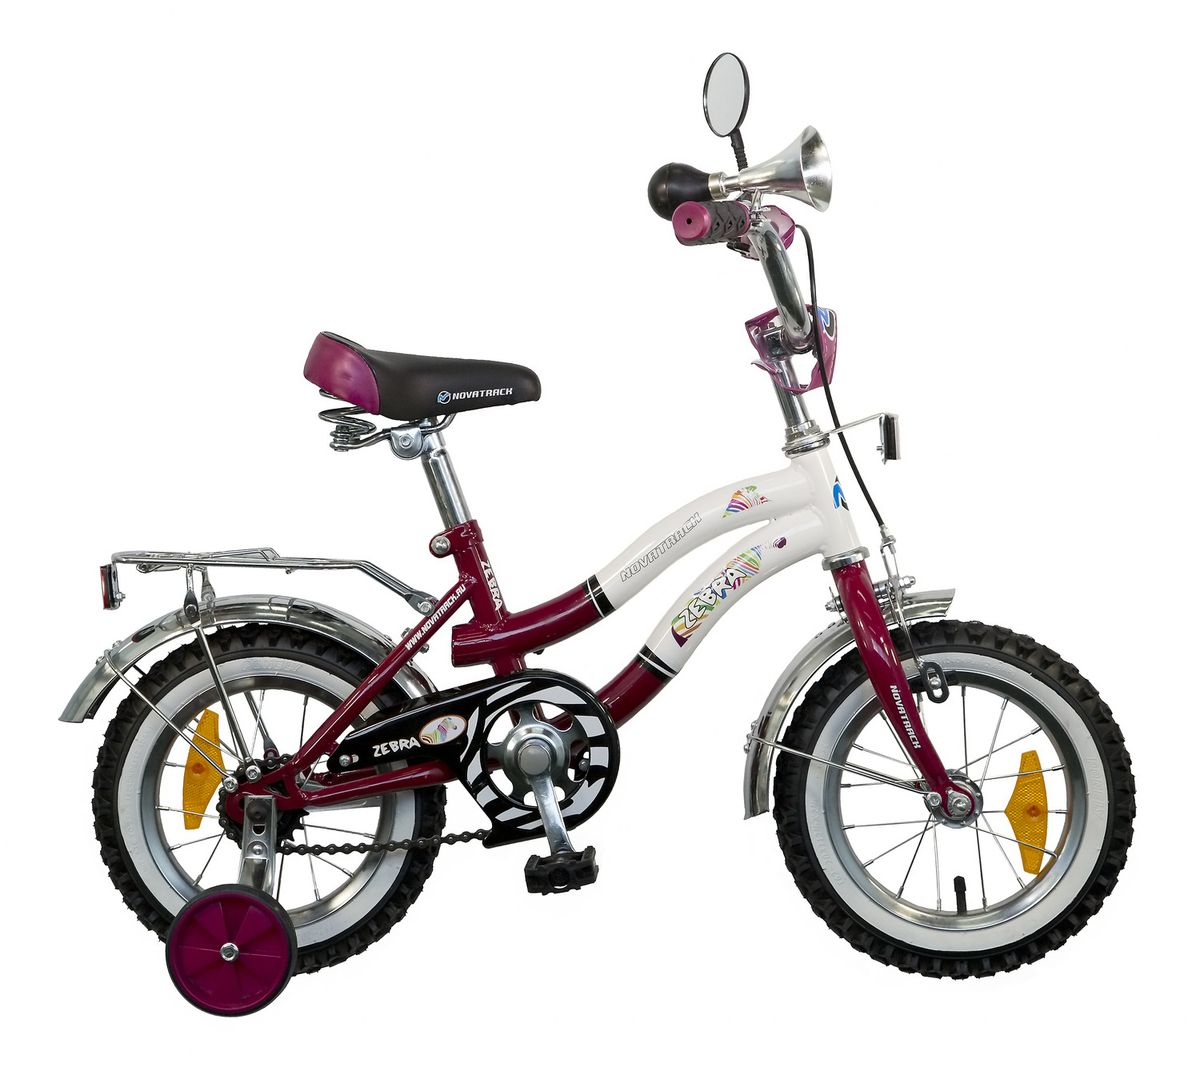 Велосипед детский Novatrack Zebra, цвет: бордовый, белый, 12 велосипед детский novatrack zebra цвет бордовый белый 12